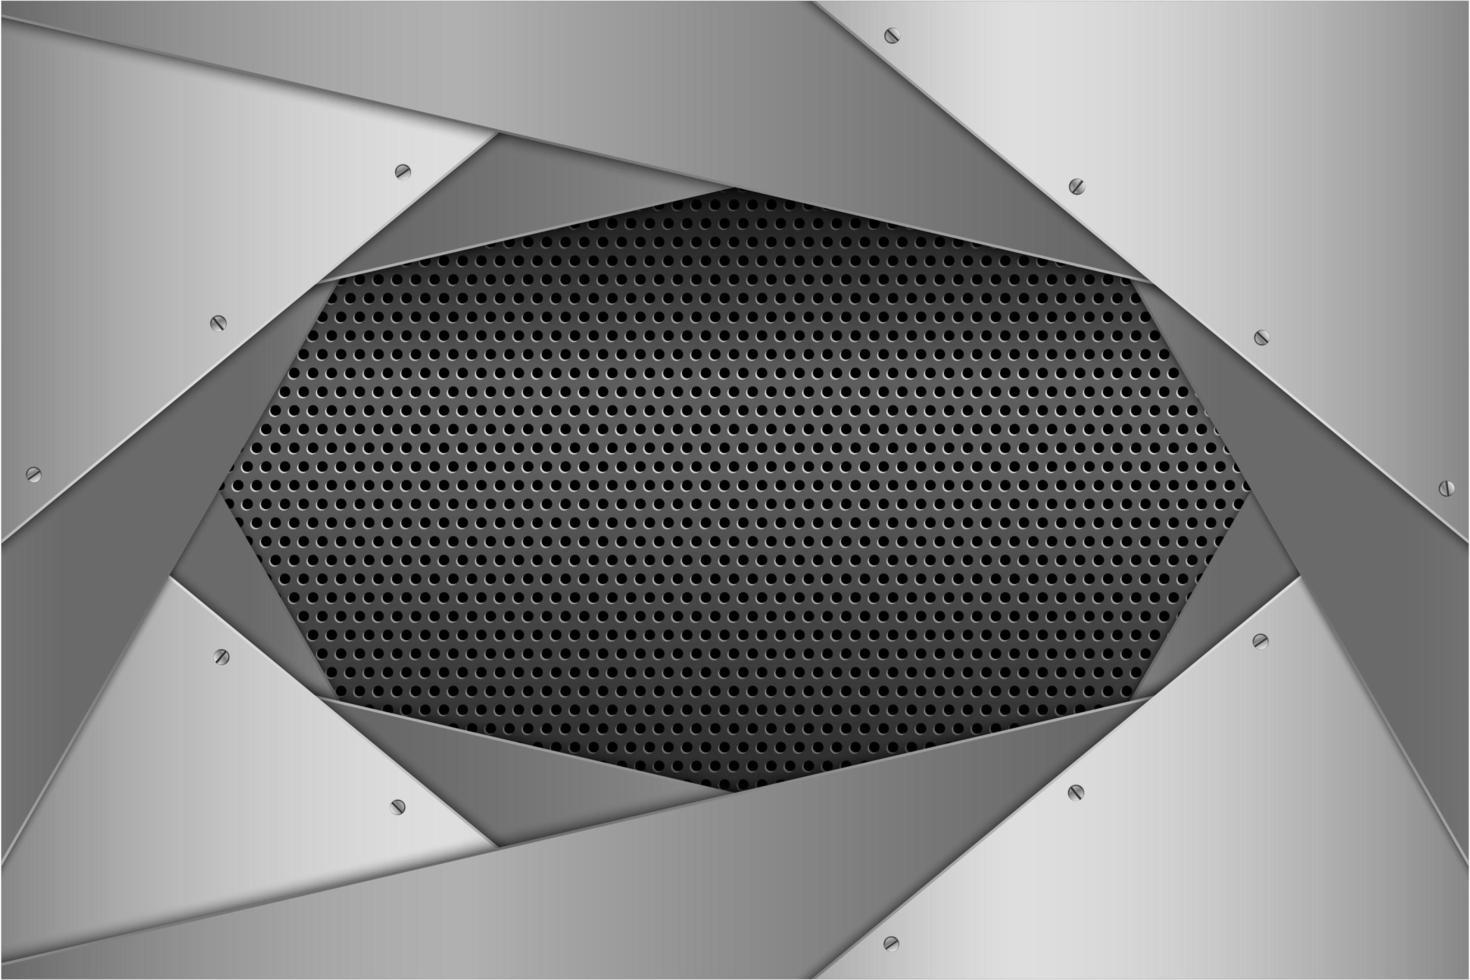 panneaux inclinés en couches d'argent métallique avec texture perforée vecteur